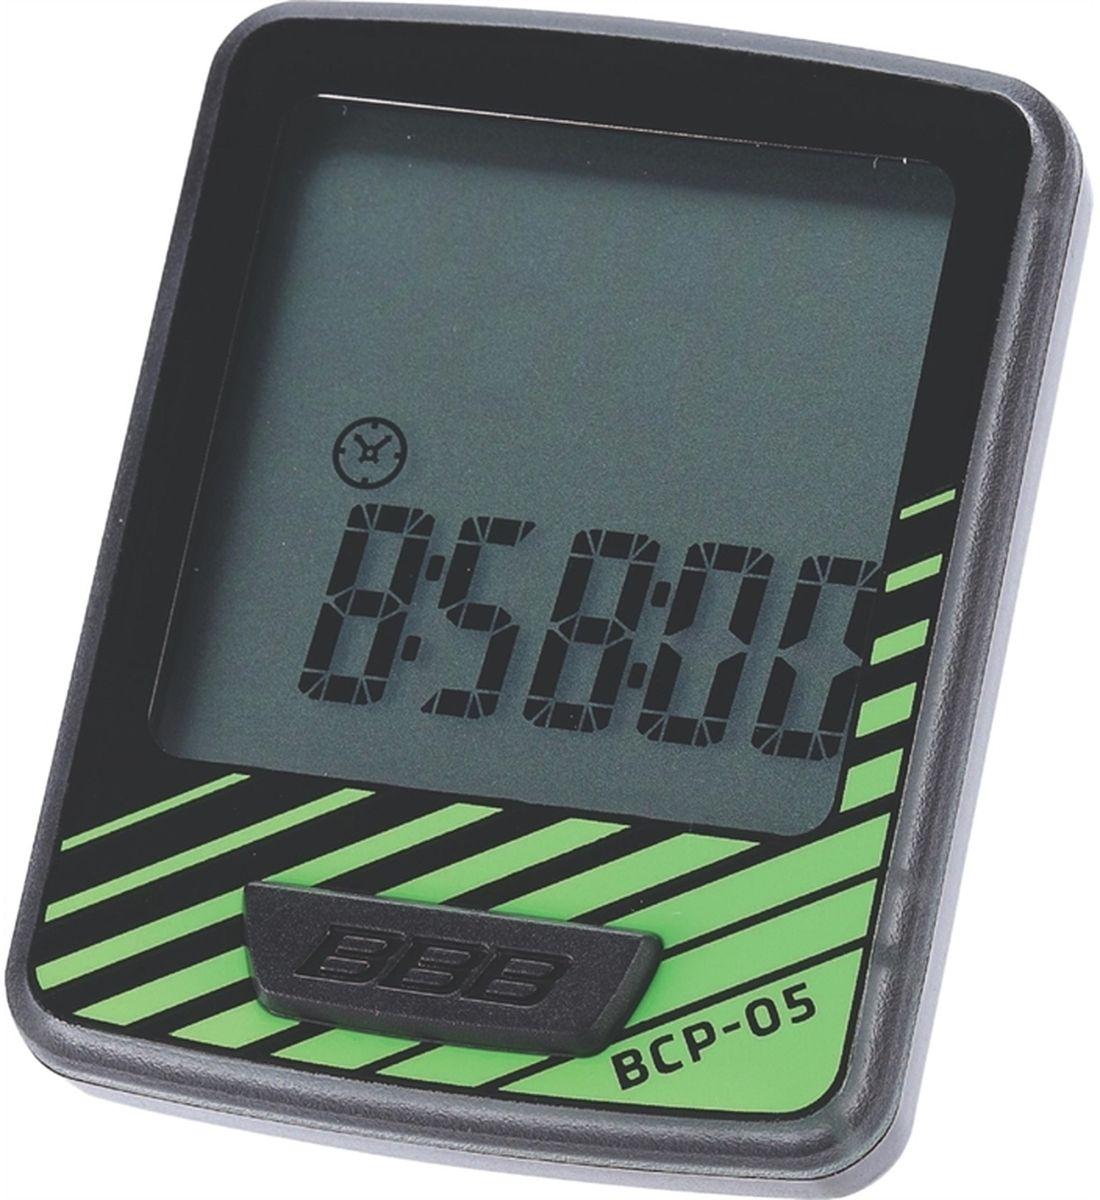 Велокомпьютер BBB DashBoard, 7 функций, цвет: черный, зеленыйBCP-05Велокомпьютер DashBoard стал, в своем роде, образцом для подражания. Появившись в линейке в 2006 году как простой и небольшой велокомпьютер с большим и легкочитаемым экраном, он эволюционировал в любимый прибор велосипедистов, которым нужна простая в использовании вещь без тысячи лишних функций. Когда пришло время обновить DashBoard, мы поставили во главу угла именно простоту дизайна и использования, в то же время, выведя оба этих параметра на новый уровень. Общий размер велокомпьютера уменьшился за счет верхней части корпуса. Но сам размер экрана остался без изменений - 32 на 32мм, позволяющие легко считывать информацию. Управление одной кнопкой также было сохранено в новой версии. Упрощение конструкции осзначает также меньшее количество швов и лучшую влагозащиту. Так что, DashBoard стал лучше, но остался тем же самым верным другом и помочником, что и был. Проводной компьютер с 7 функциями: Текущая скорость Расстояние поездки Одометр ...